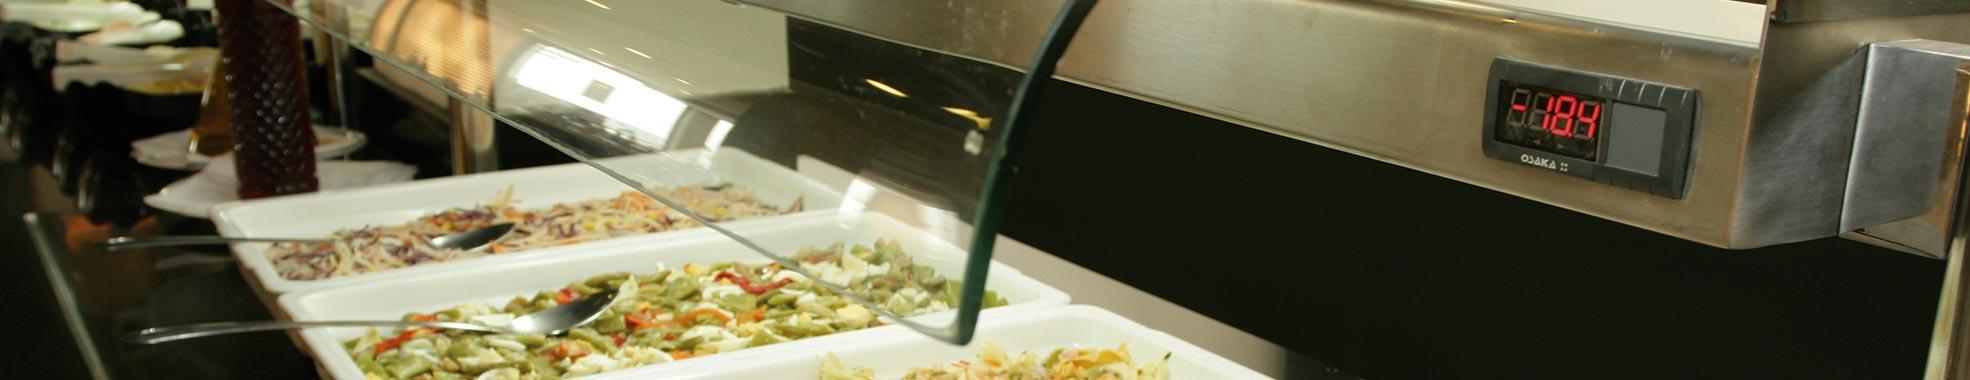 Imagen de lo último en tecnología para tu buffet con Tecnobar